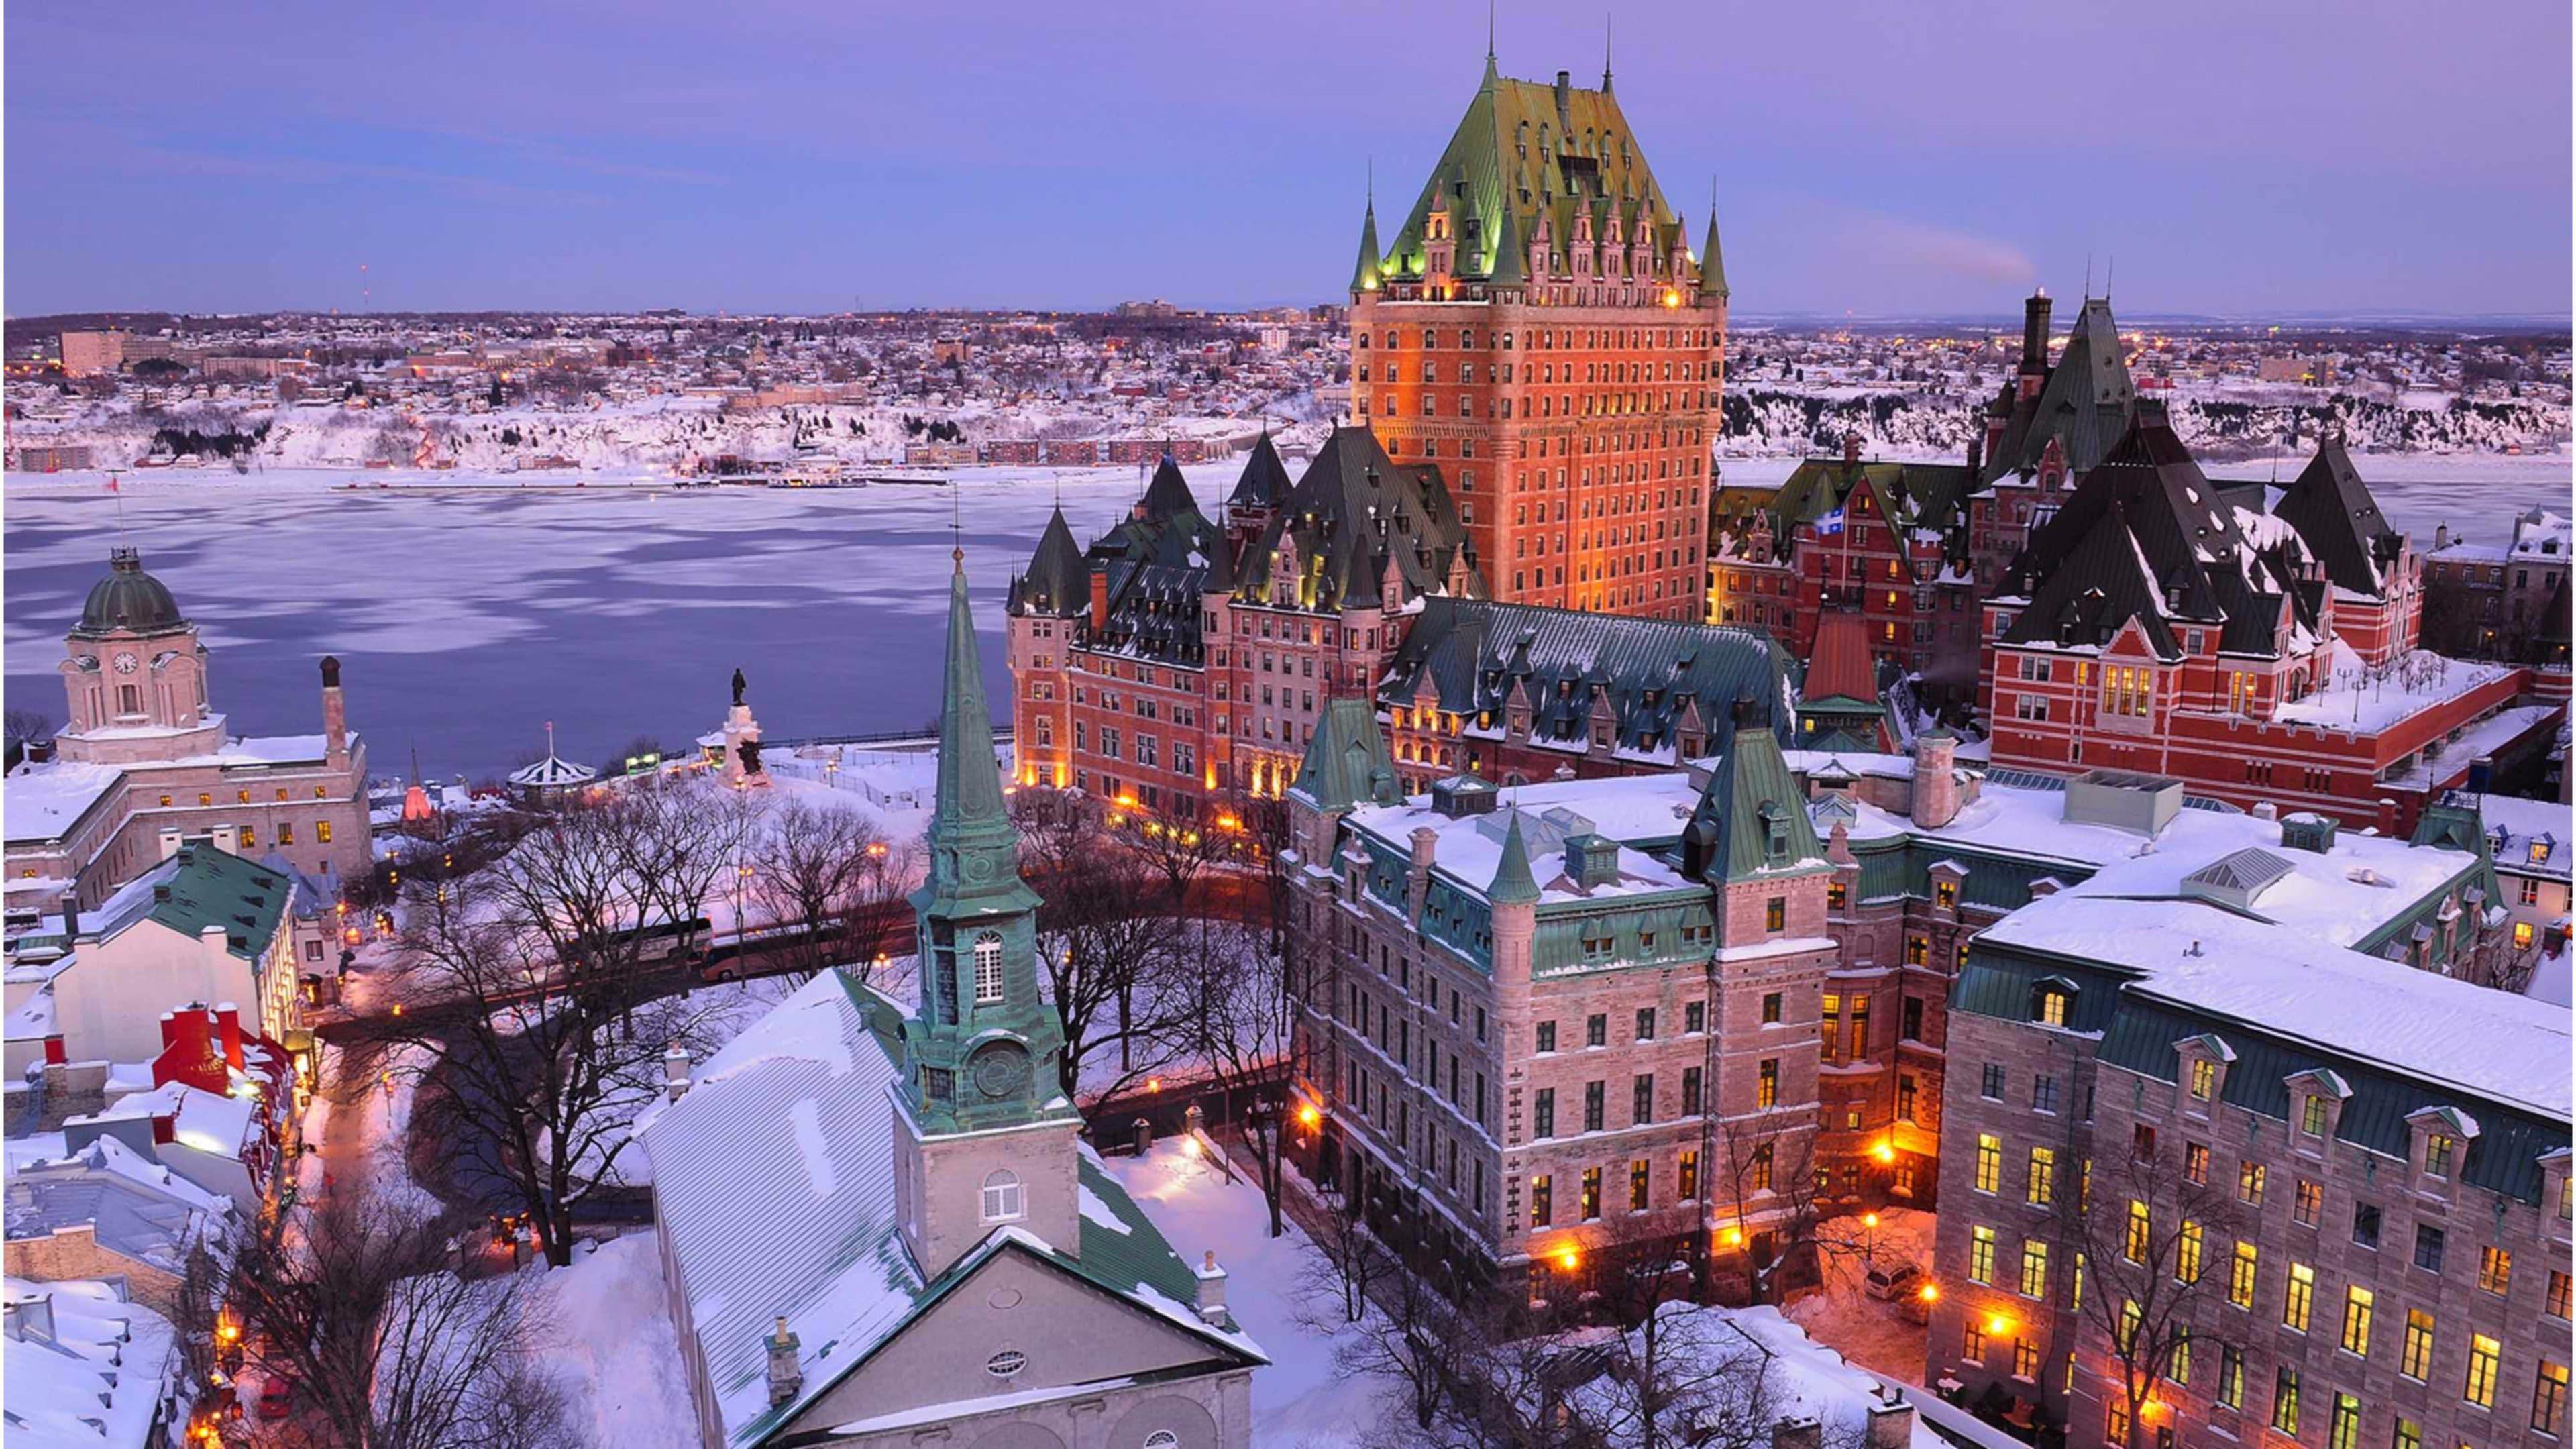 Quebec Widescreen for desktop